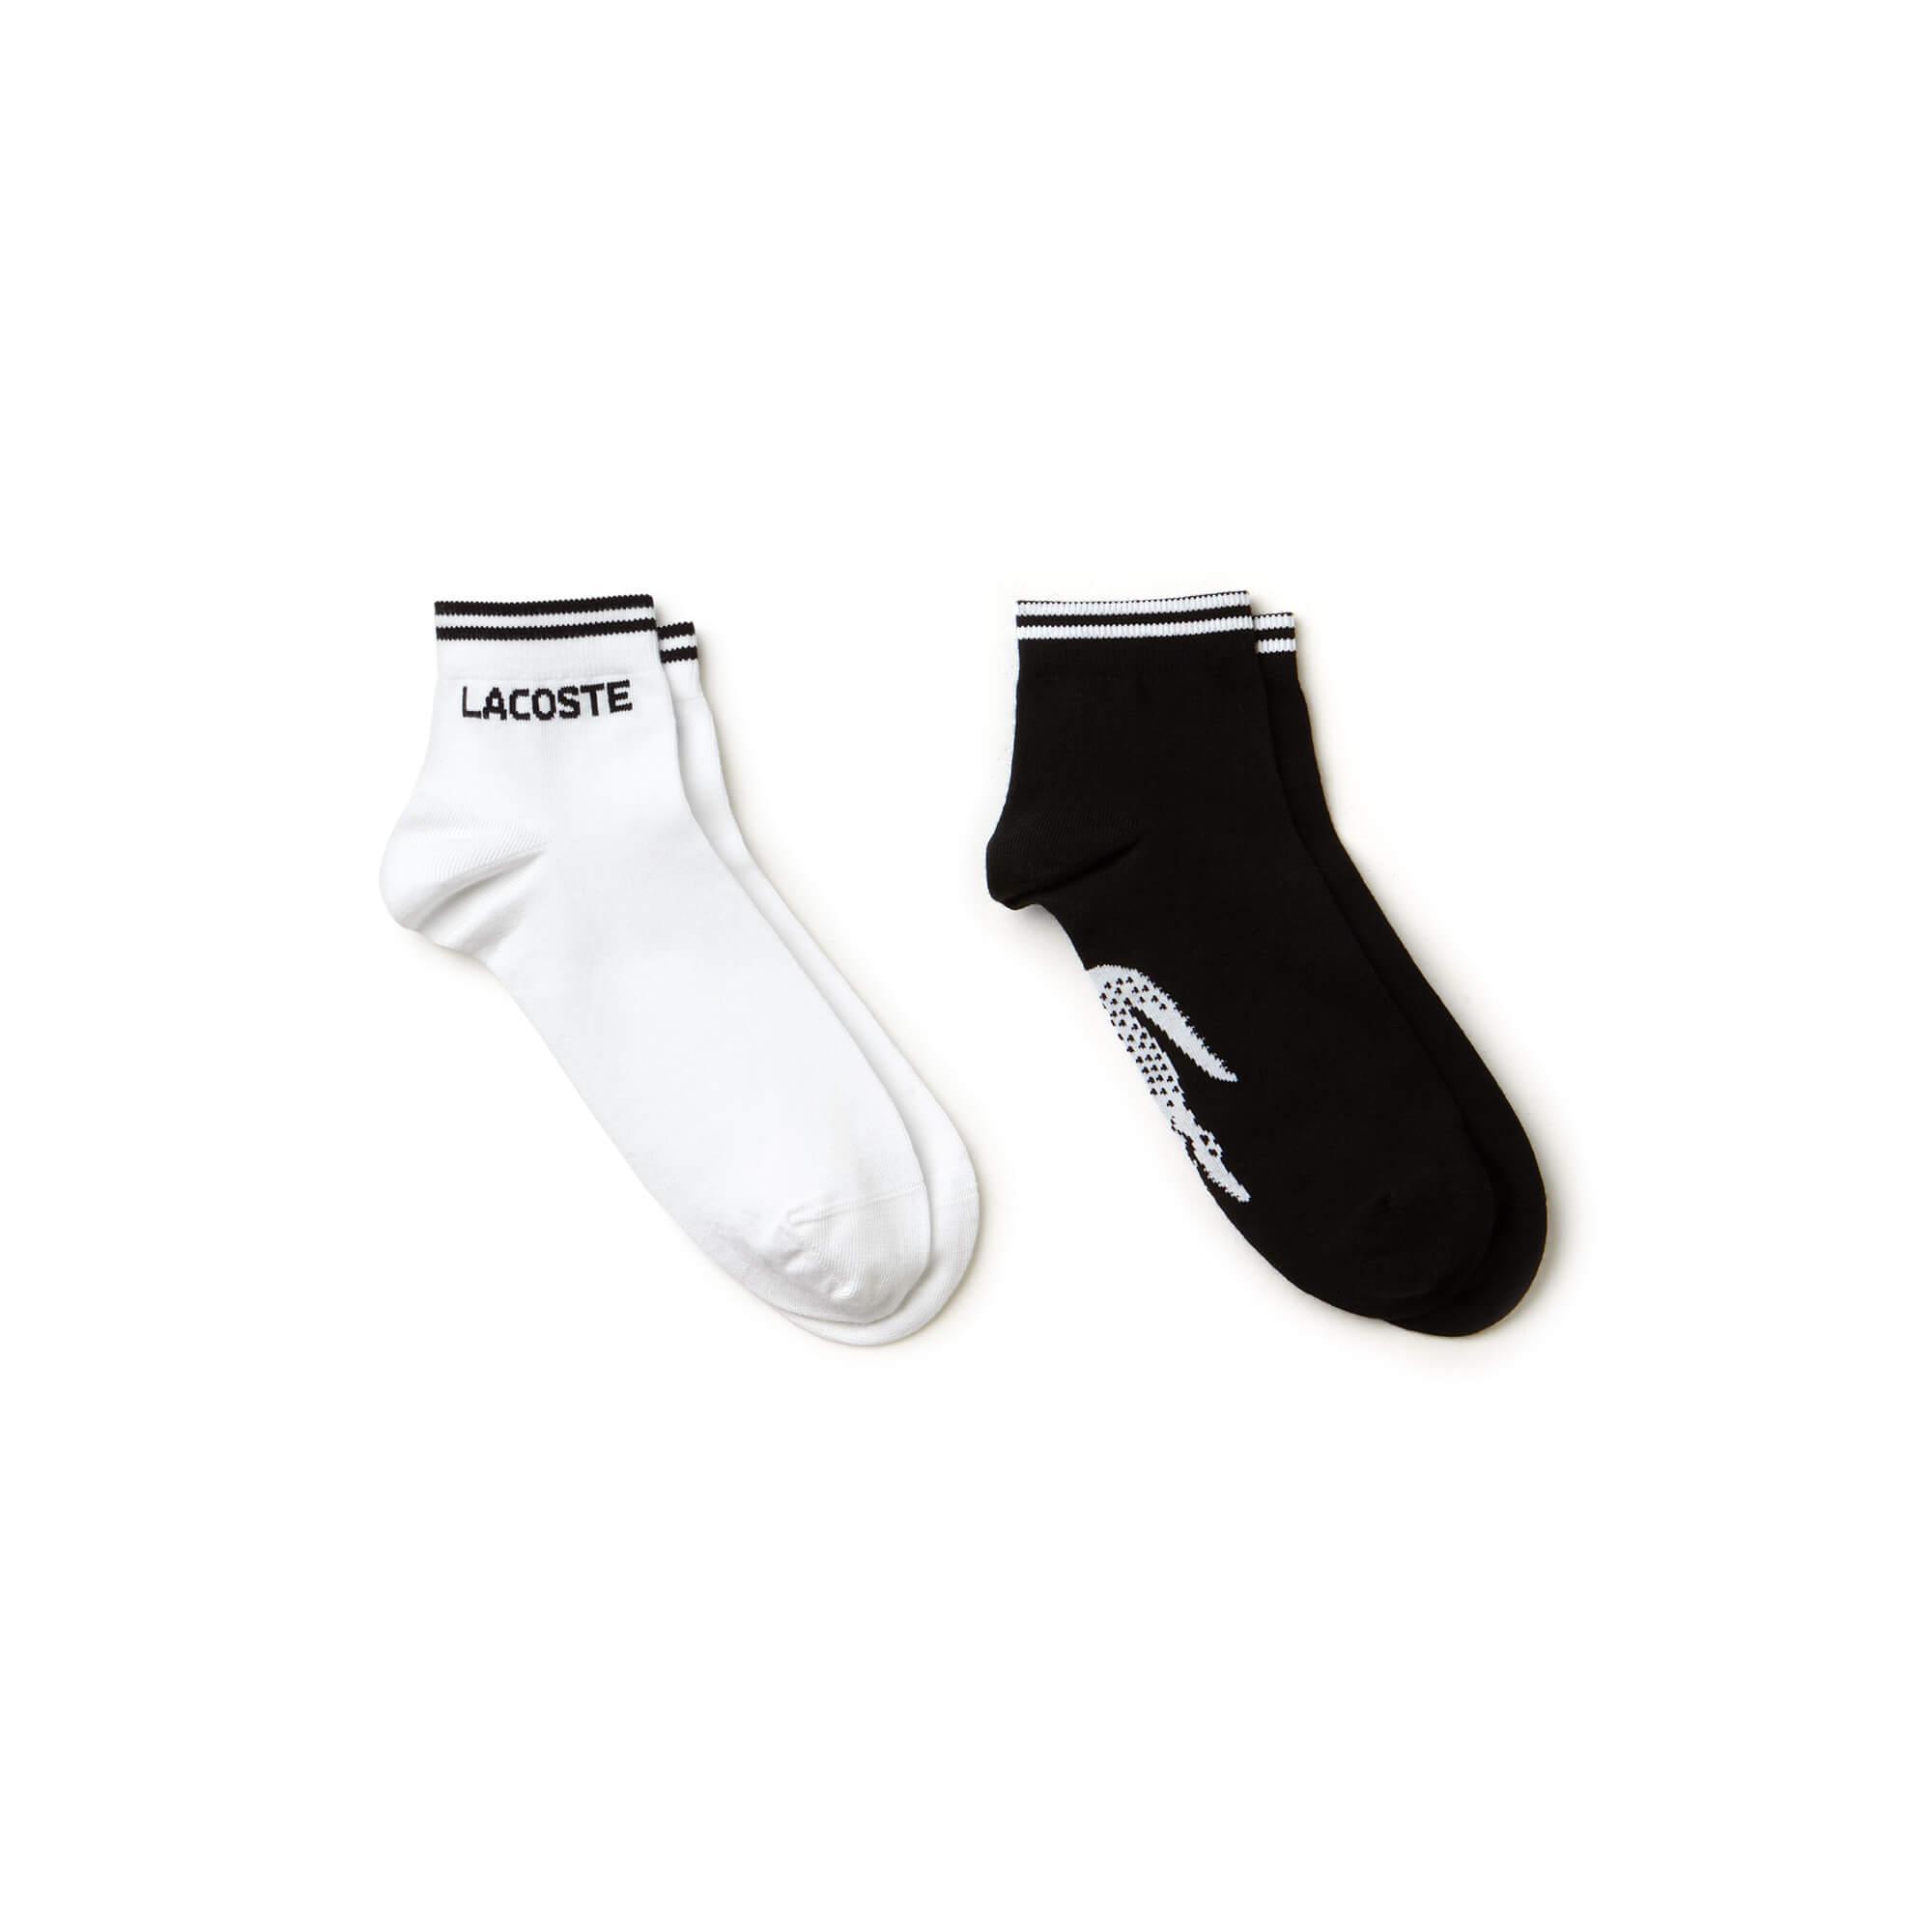 Lacoste Men's Two-Pack Of Lacoste Tennis Low-Cut Socks İn Jacquard Jersey